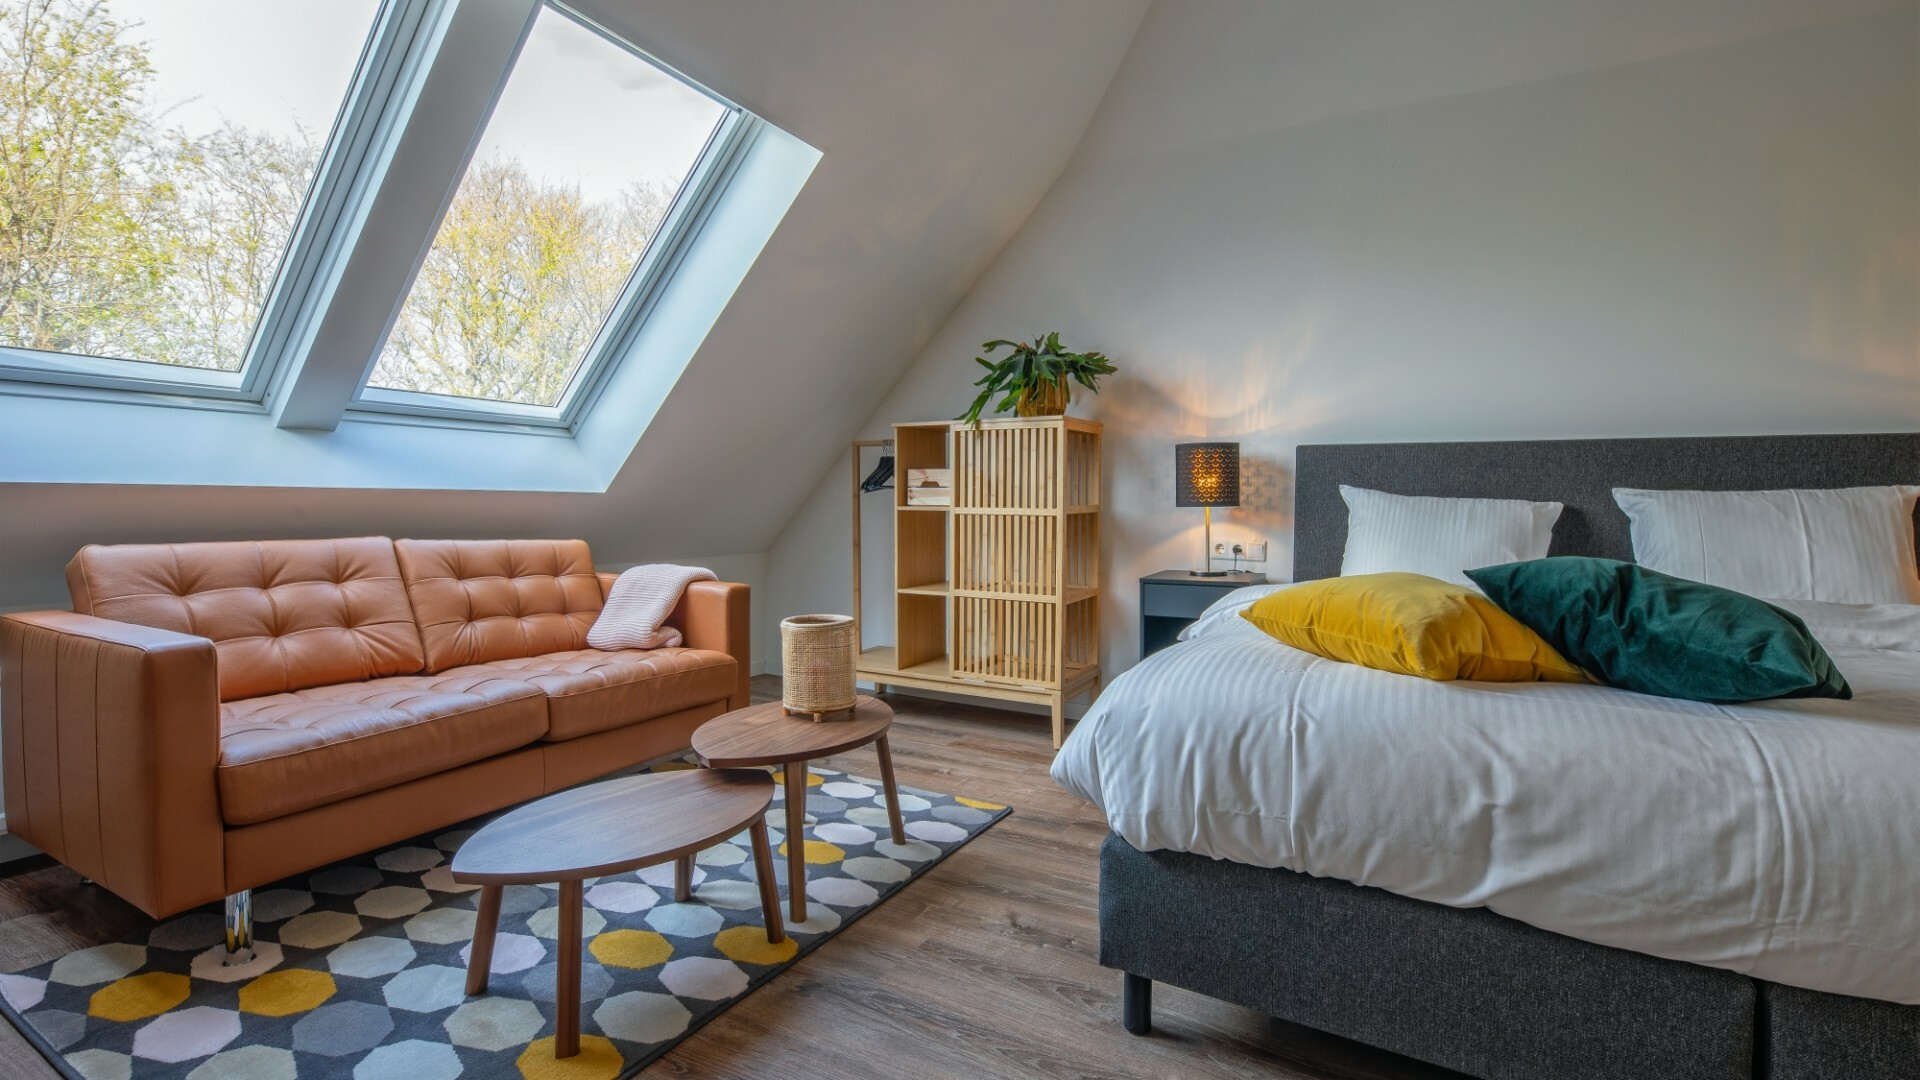 BB Landhuys Noorderhaecks Maarten Trom Suite VVV Texel